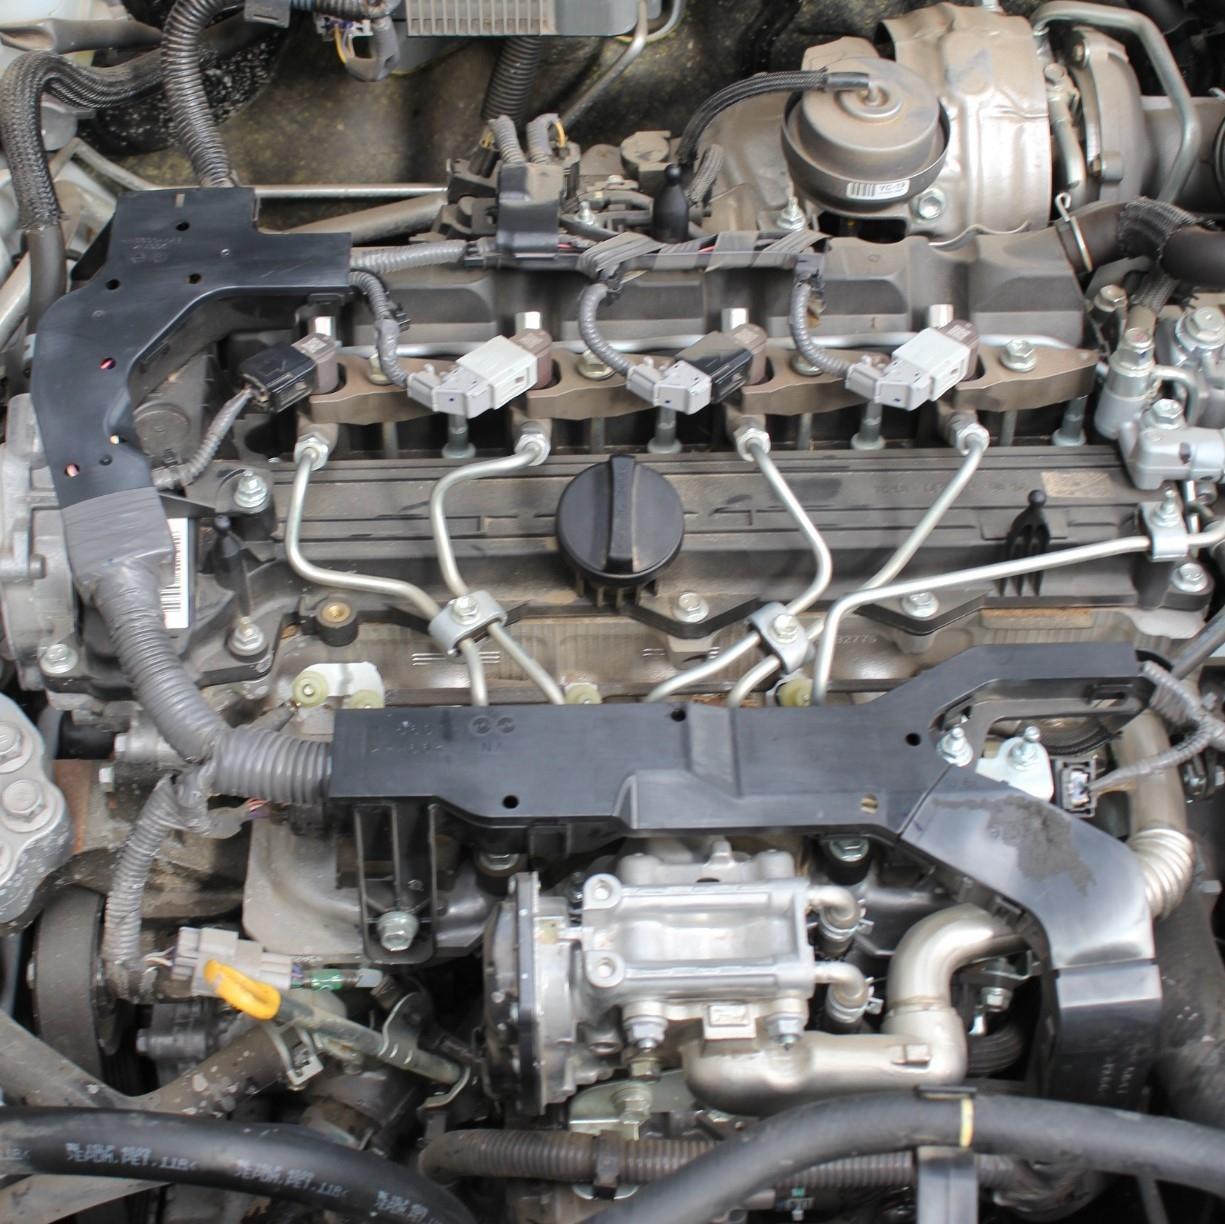 TOYOTA RAV4, Engine, DIESEL, 2.2, 2AD-FTV, TURBO, ALA49R, 02/13-